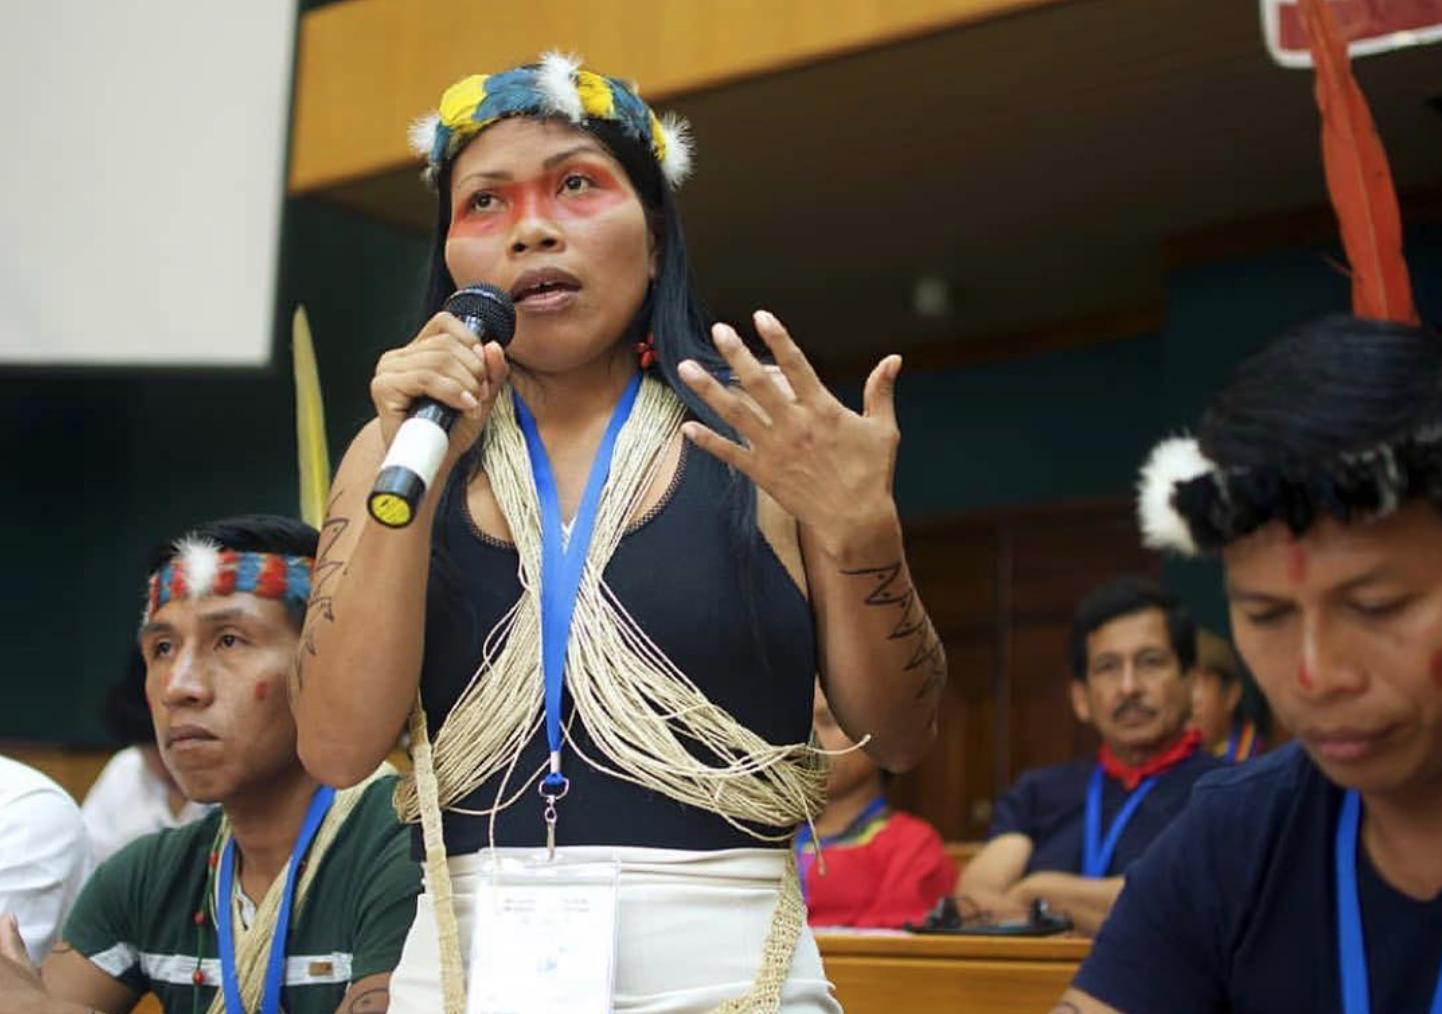 Những thổ dân Amazon vừa chặn được tập đoàn dầu mỏ khổng lồ đến phá rừng: Nguồn cảm hứng bảo vệ môi trường lan tỏa khắp Nam Mỹ - Ảnh 5.